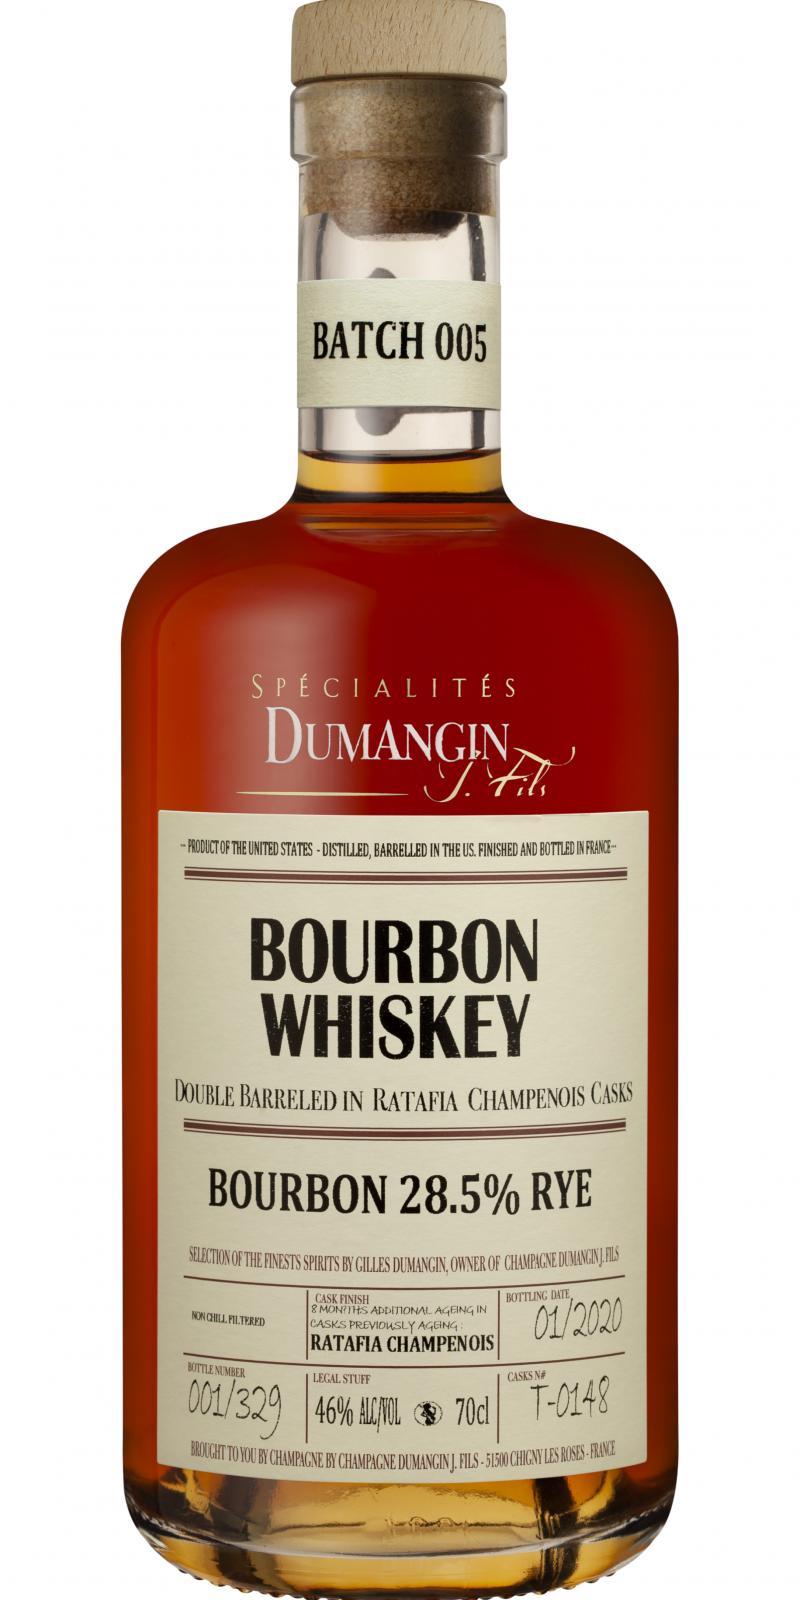 Bourbon Whiskey Bourbon 28.5% Rye CDJF